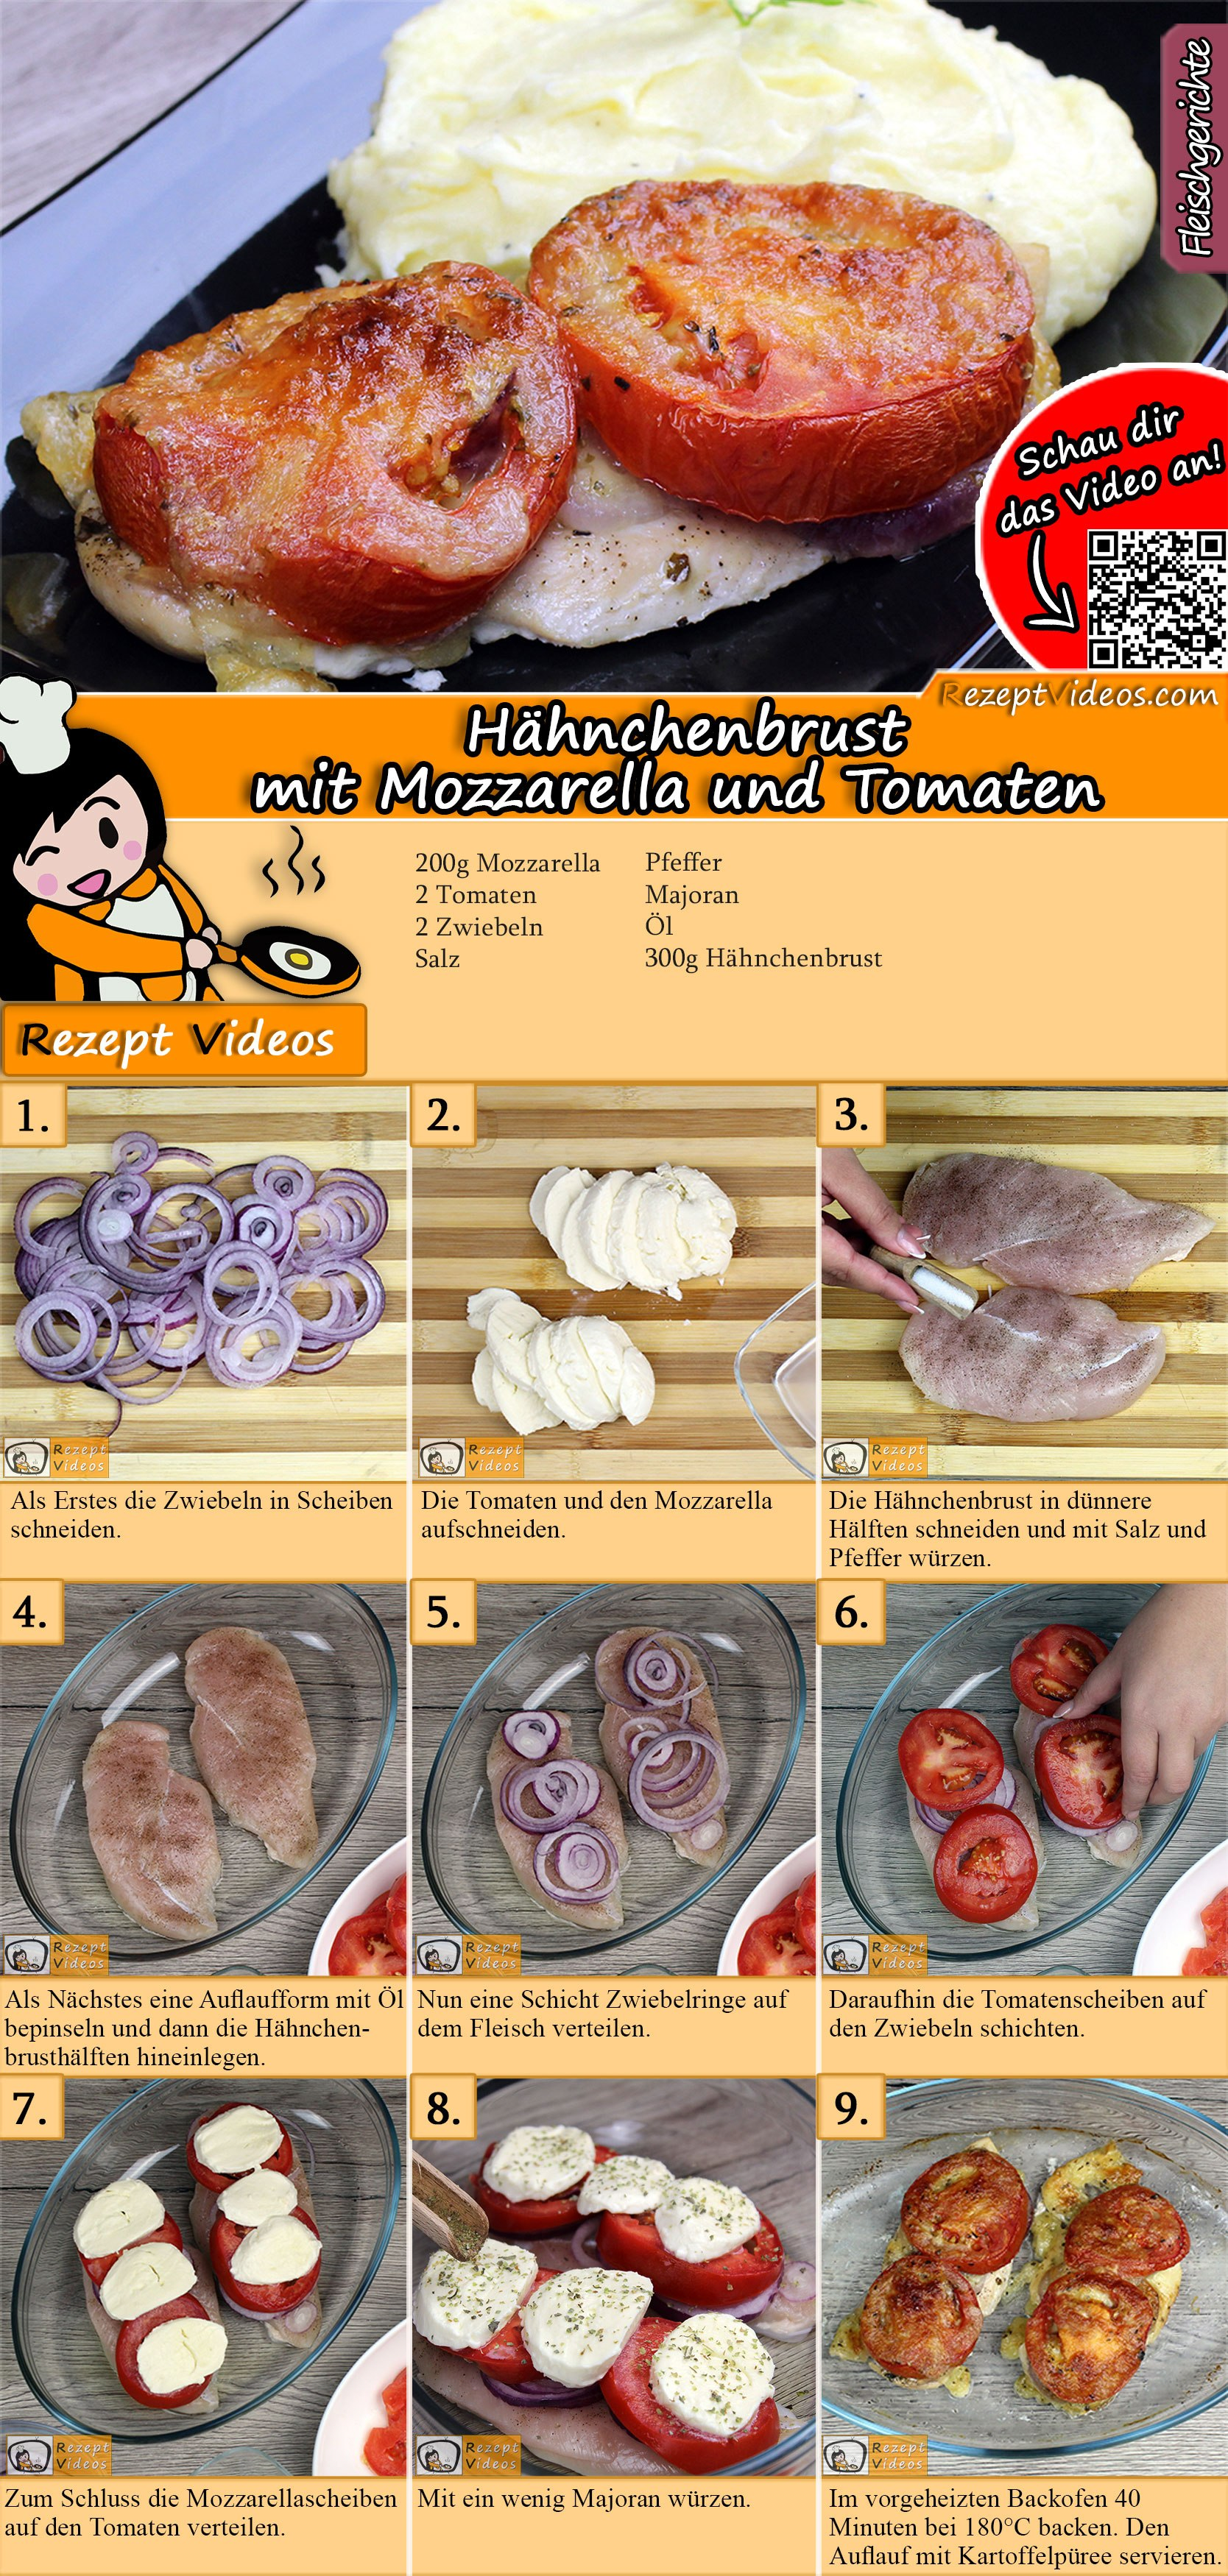 Hähnchenbrust mit Mozzarella und Tomaten Rezept mit Video